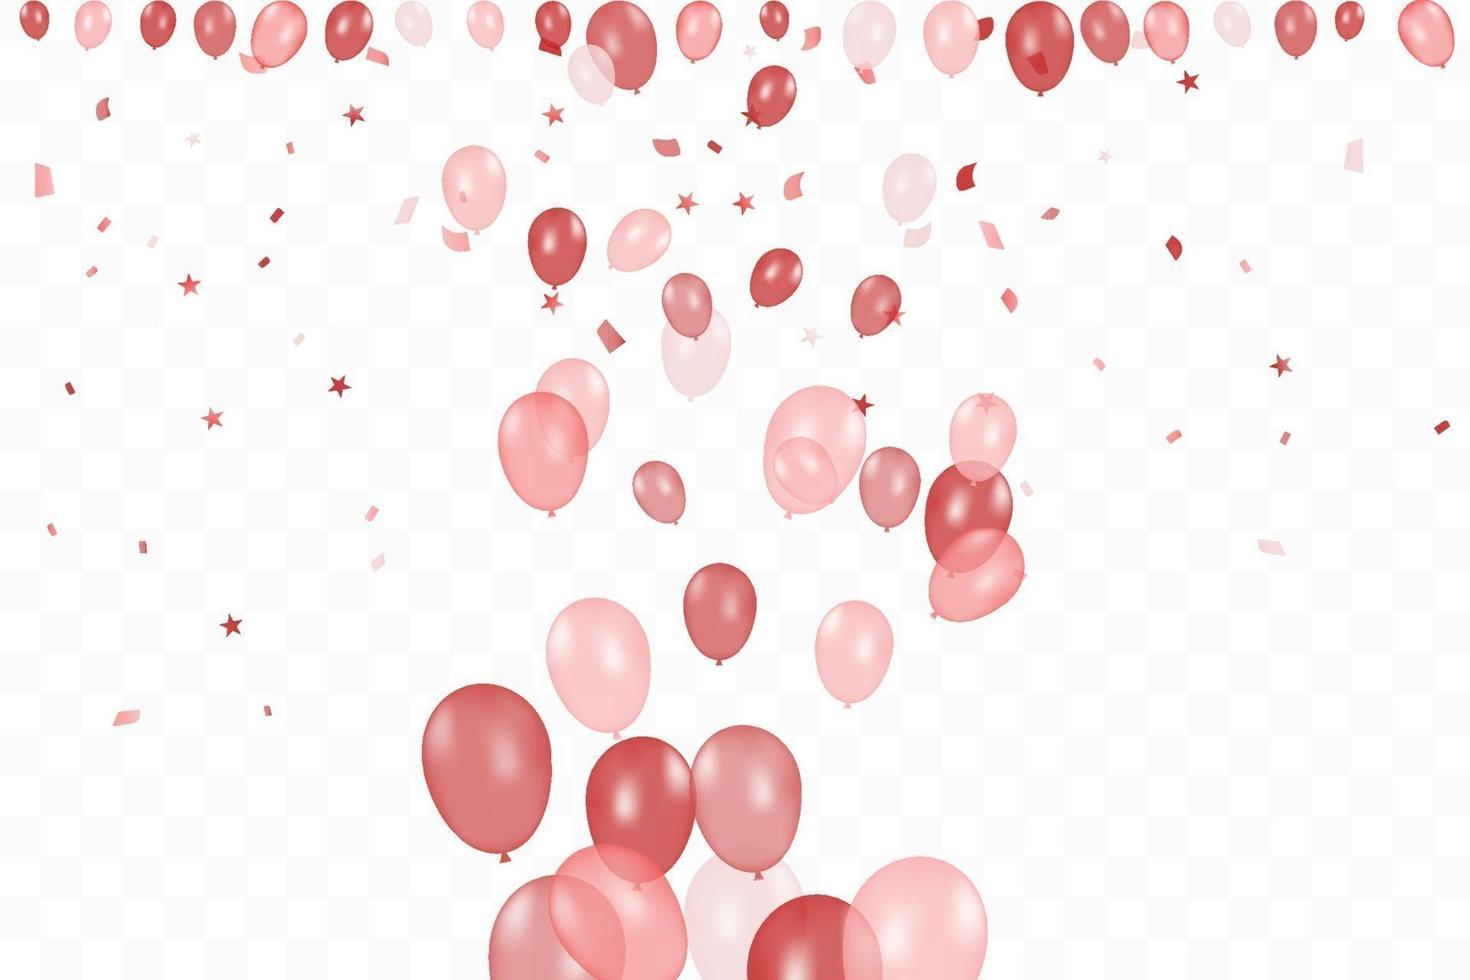 anniversaire de la fille. fond de joyeux anniversaire avec des ballons roses et des confettis. fête de l'événement de célébration. vecteur